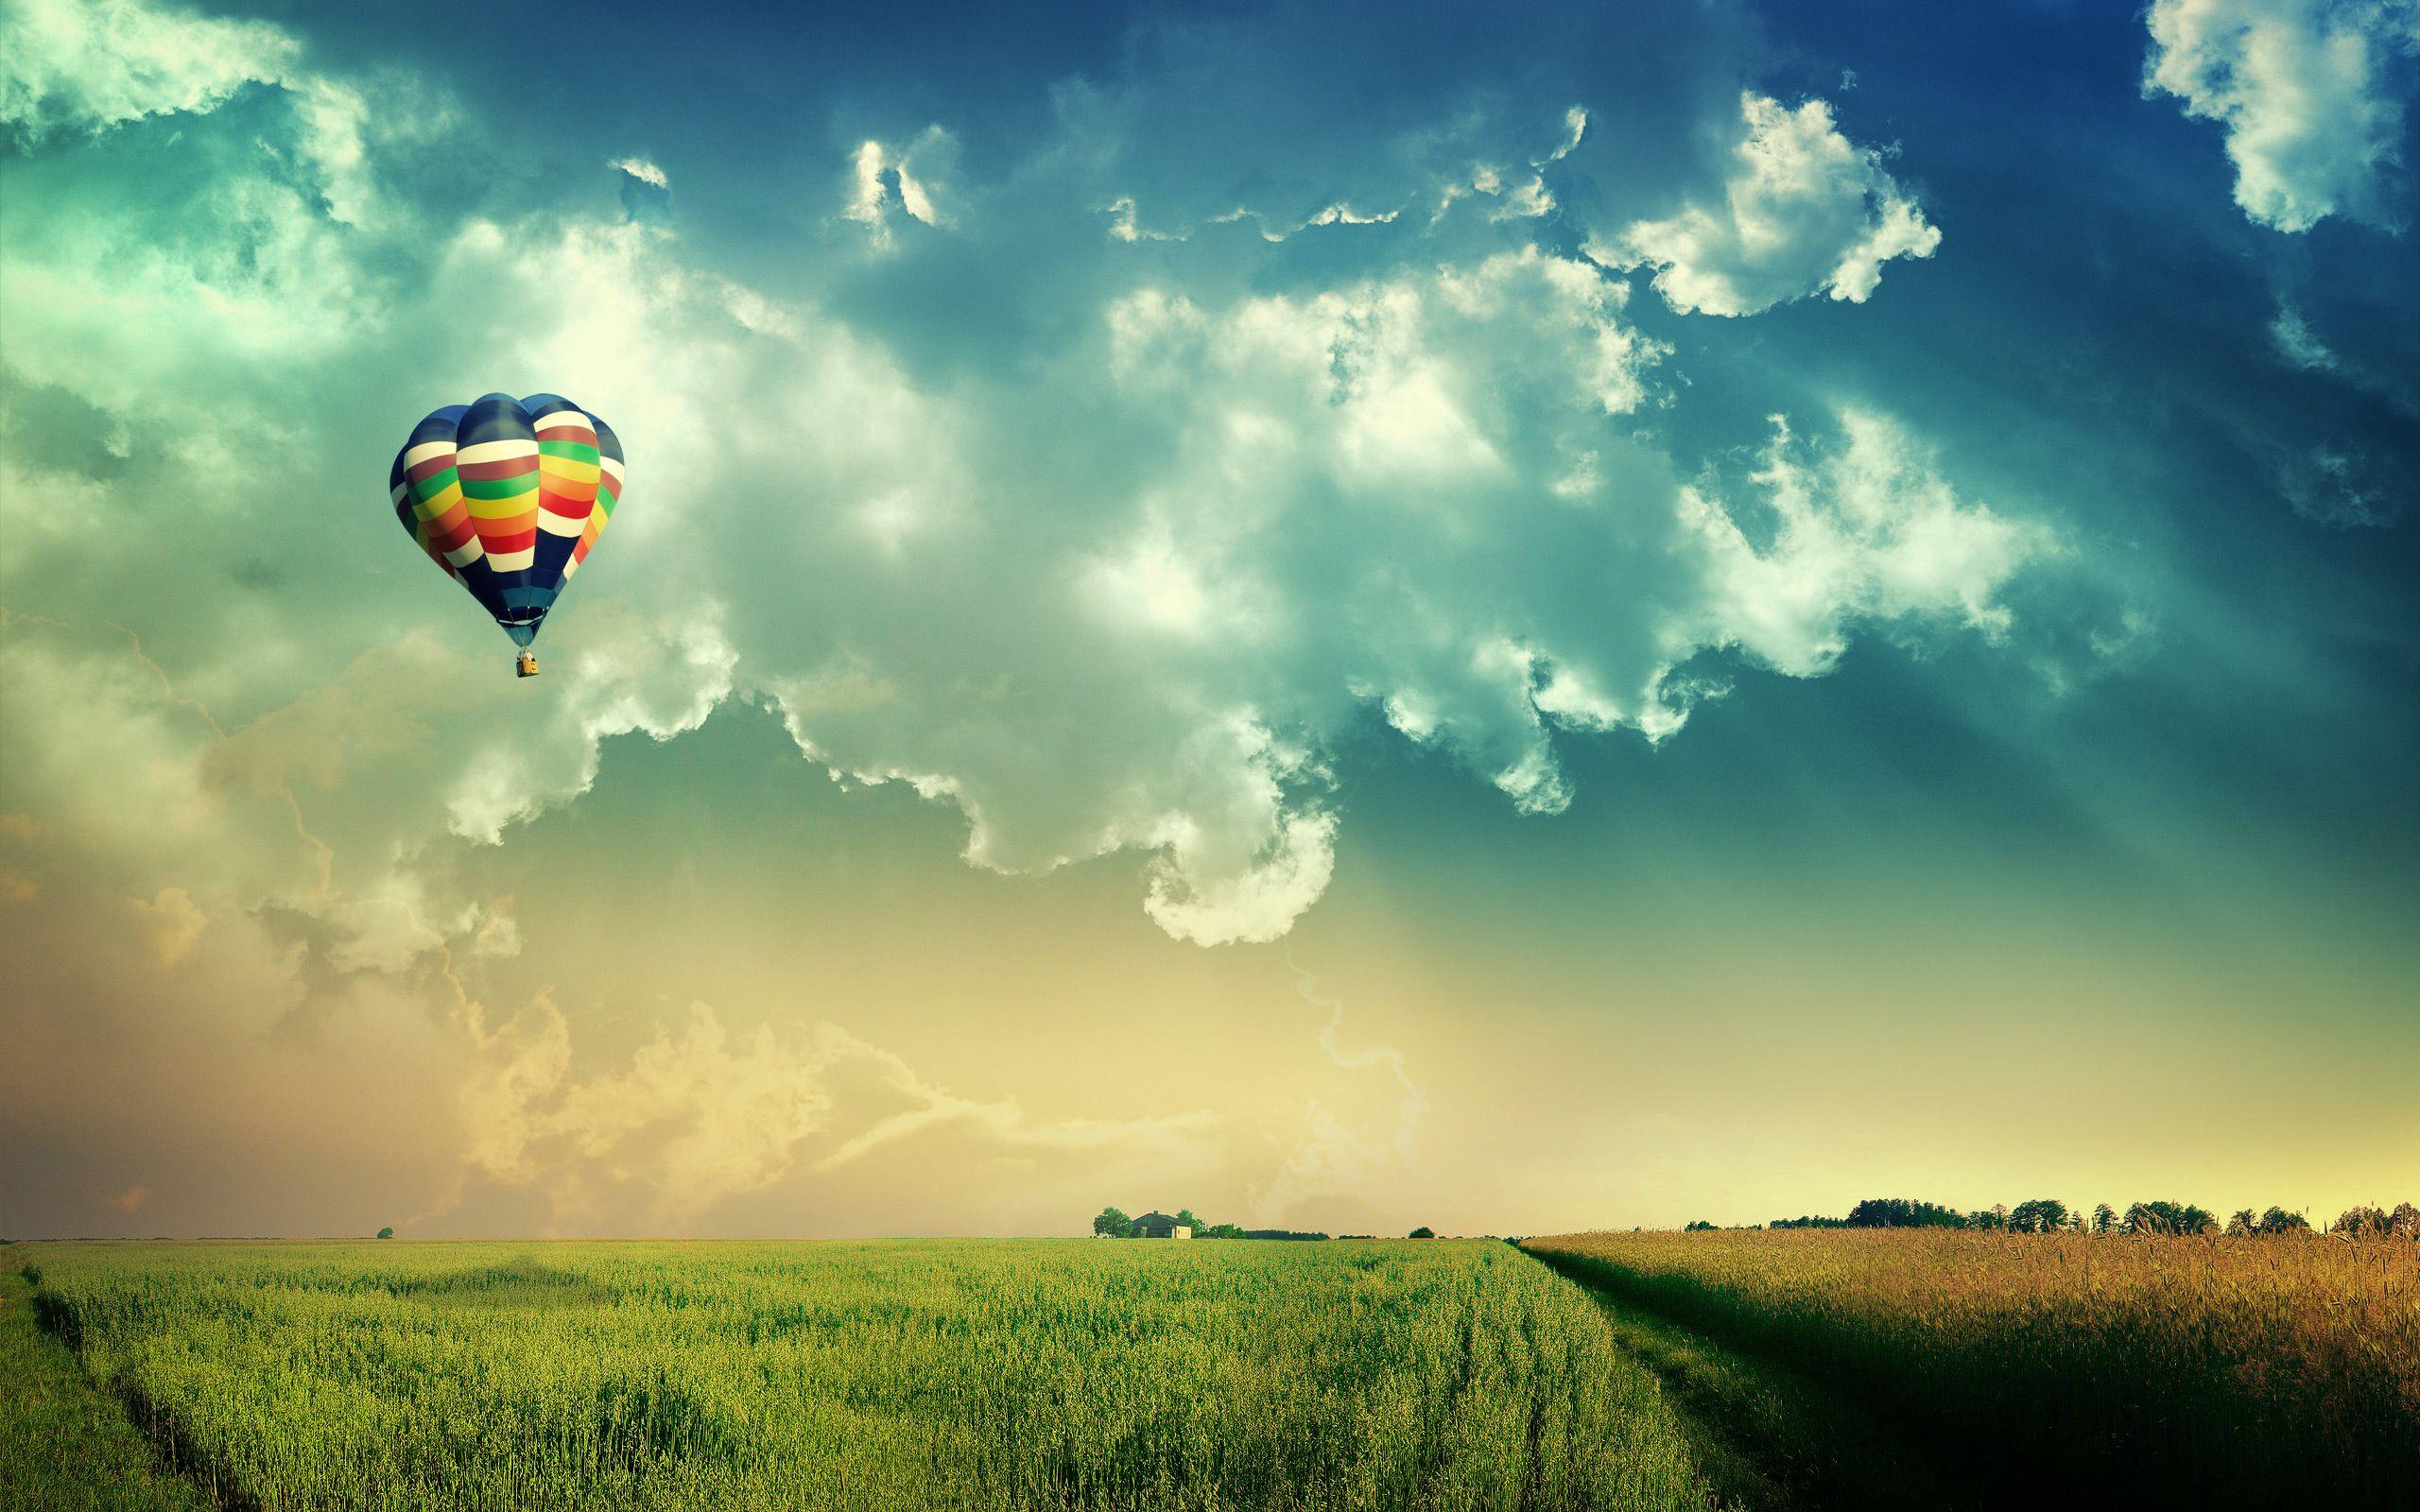 hot air balloon landscape image wallpaper   háttérképek